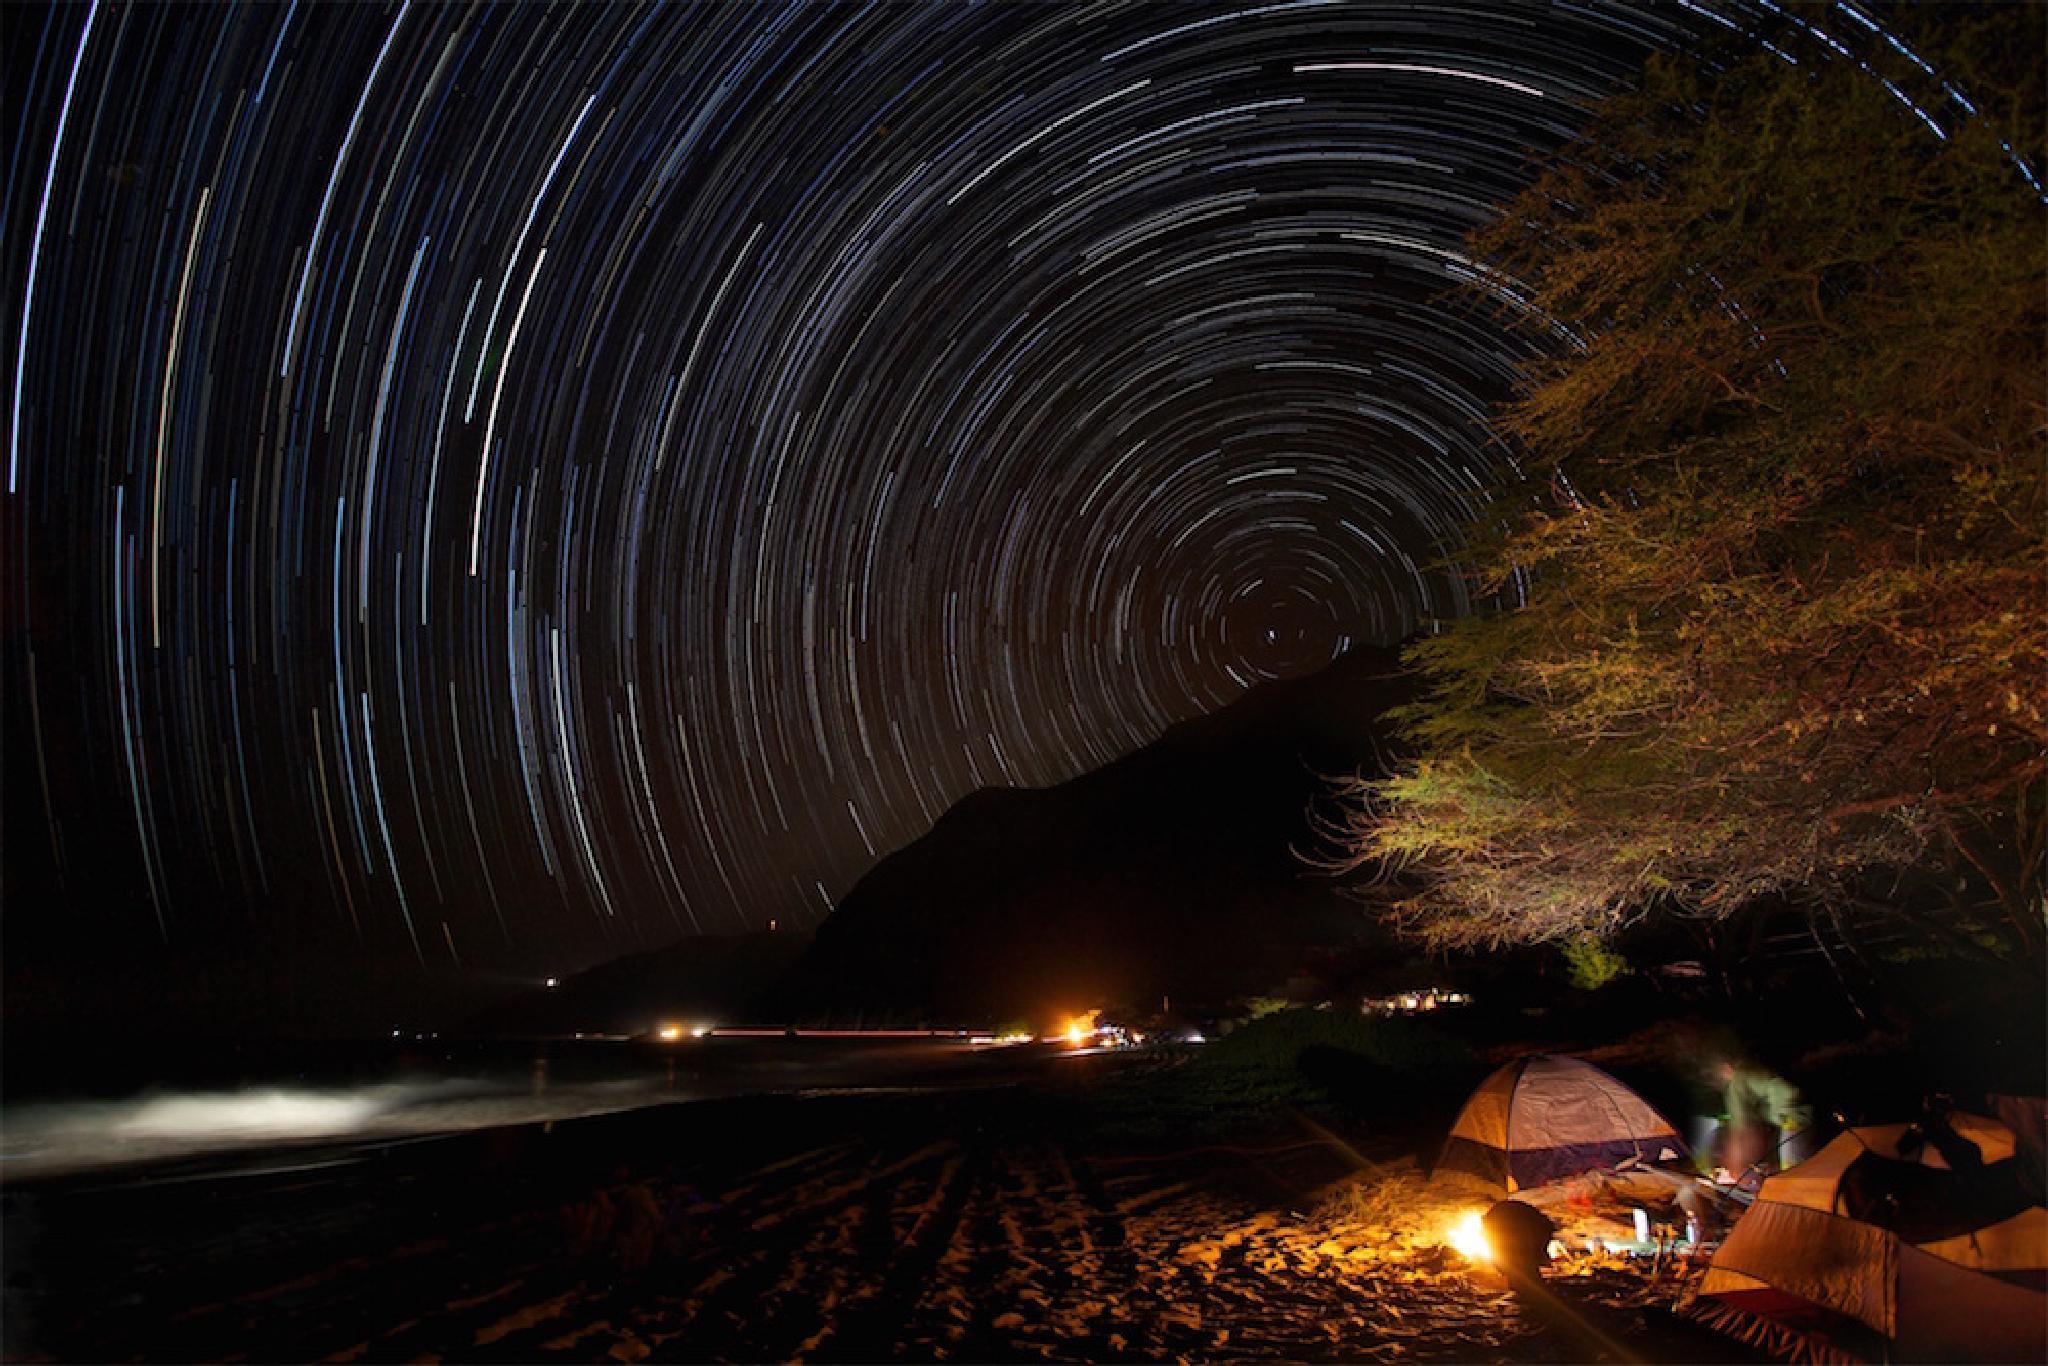 Birthday Star Trails by Jason Matias